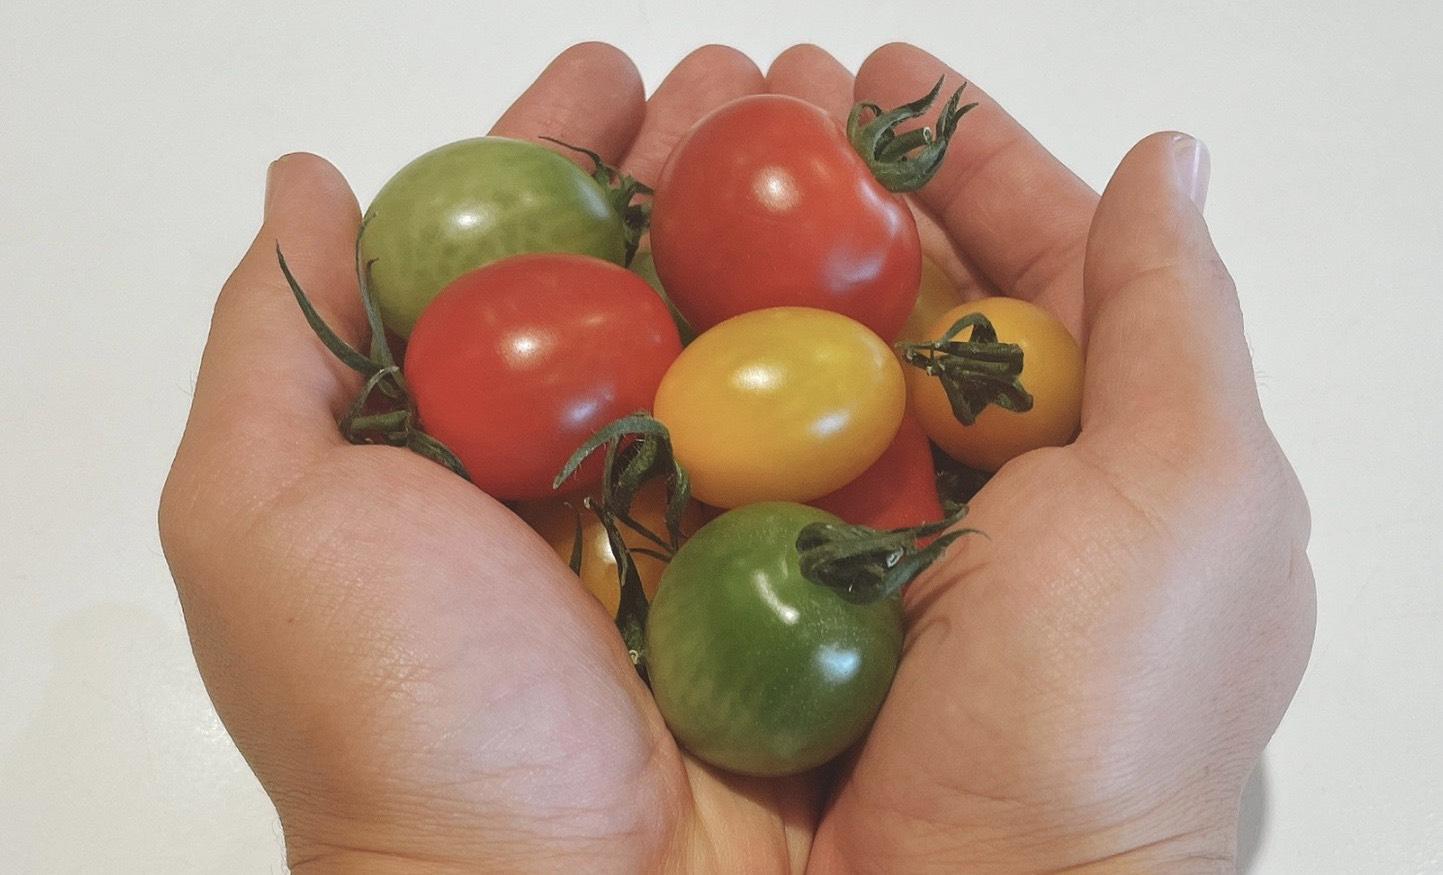 野菜・果物を撮影する方法